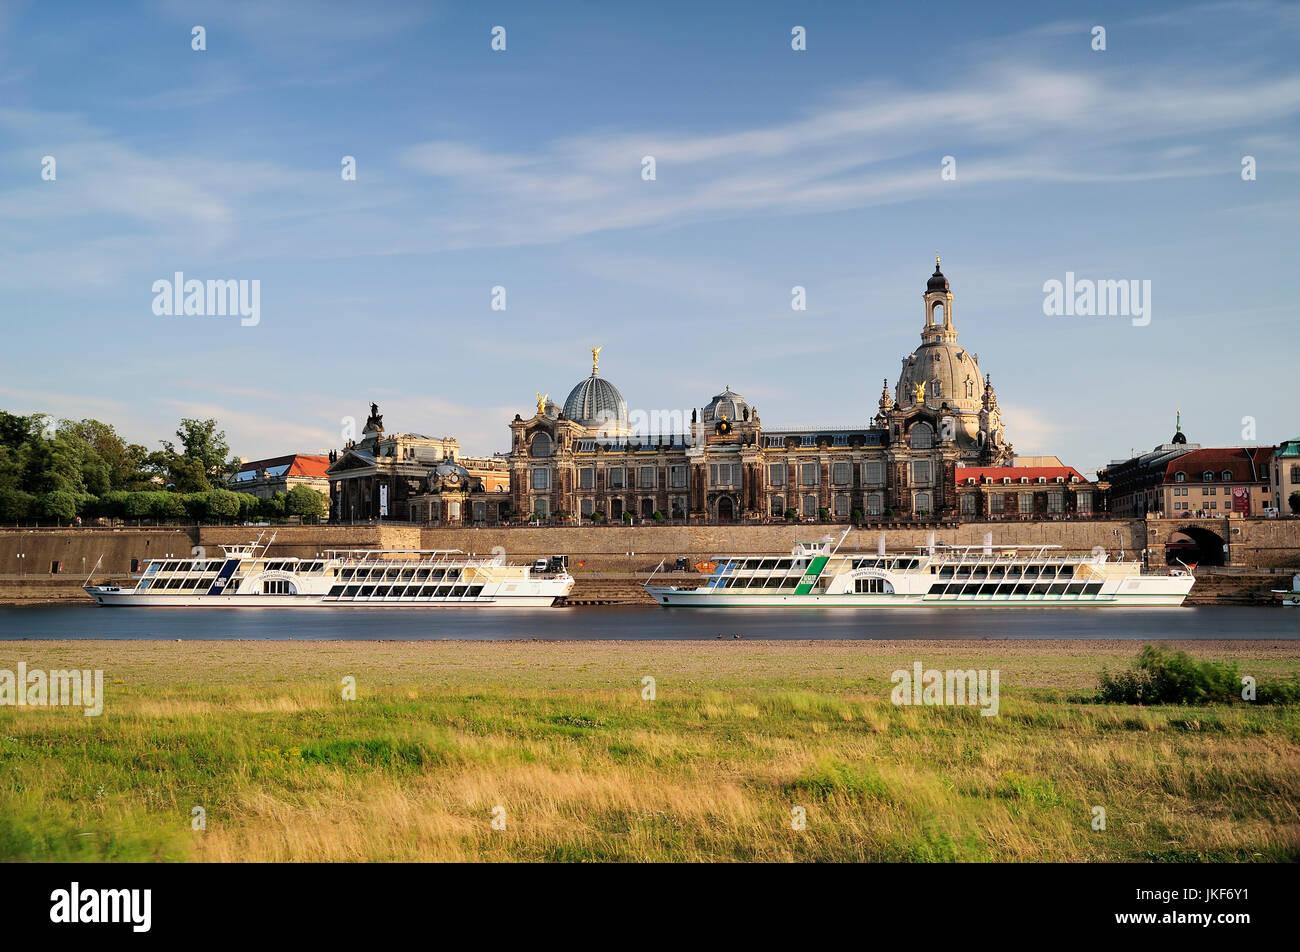 Europa, Deutschland, Sachsen, Dresden, Brühlsche Terrasse am Elbufer, Kunstakademie, Frauenkirche Stock Photo